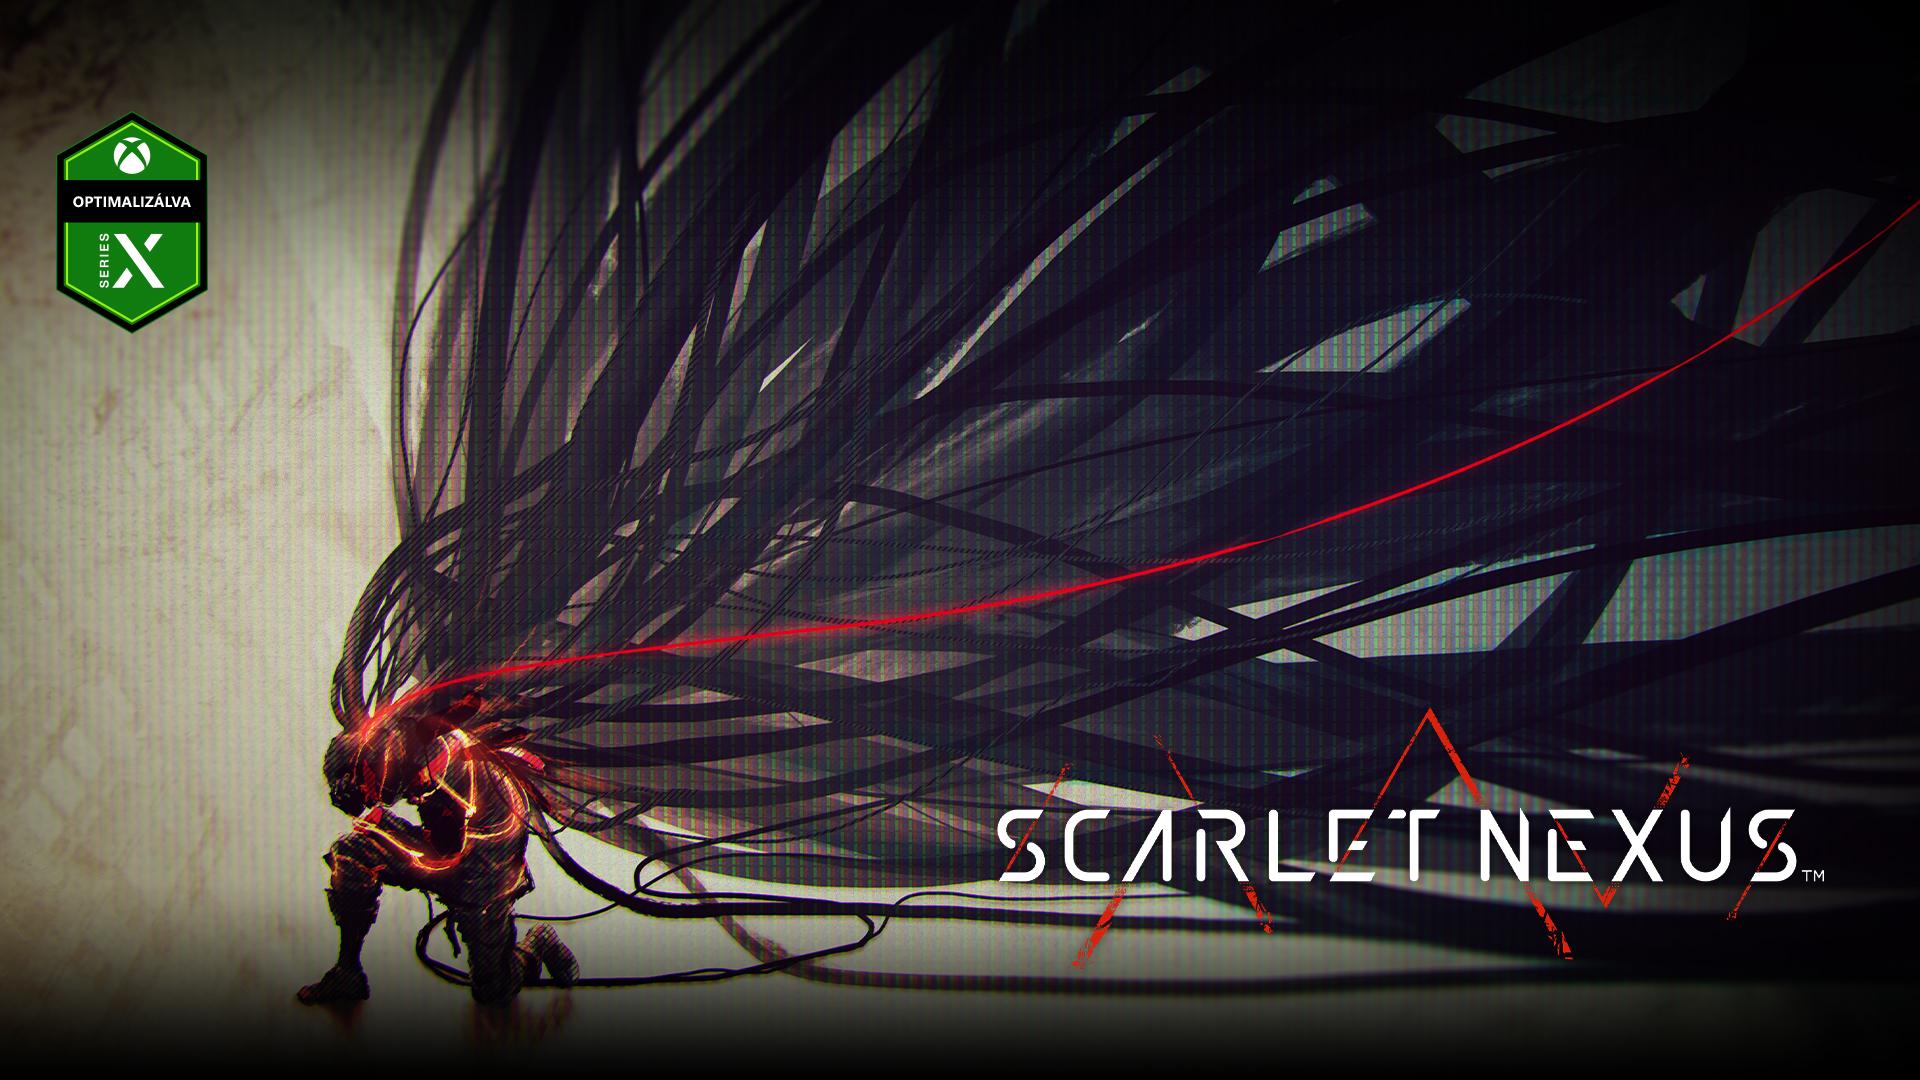 Scarlet Nexus, az Xbox Series X konzolra optimalizálva, térdelő férfi, akinek hajszerű szálak bontakoznak ki hosszan a fejéből